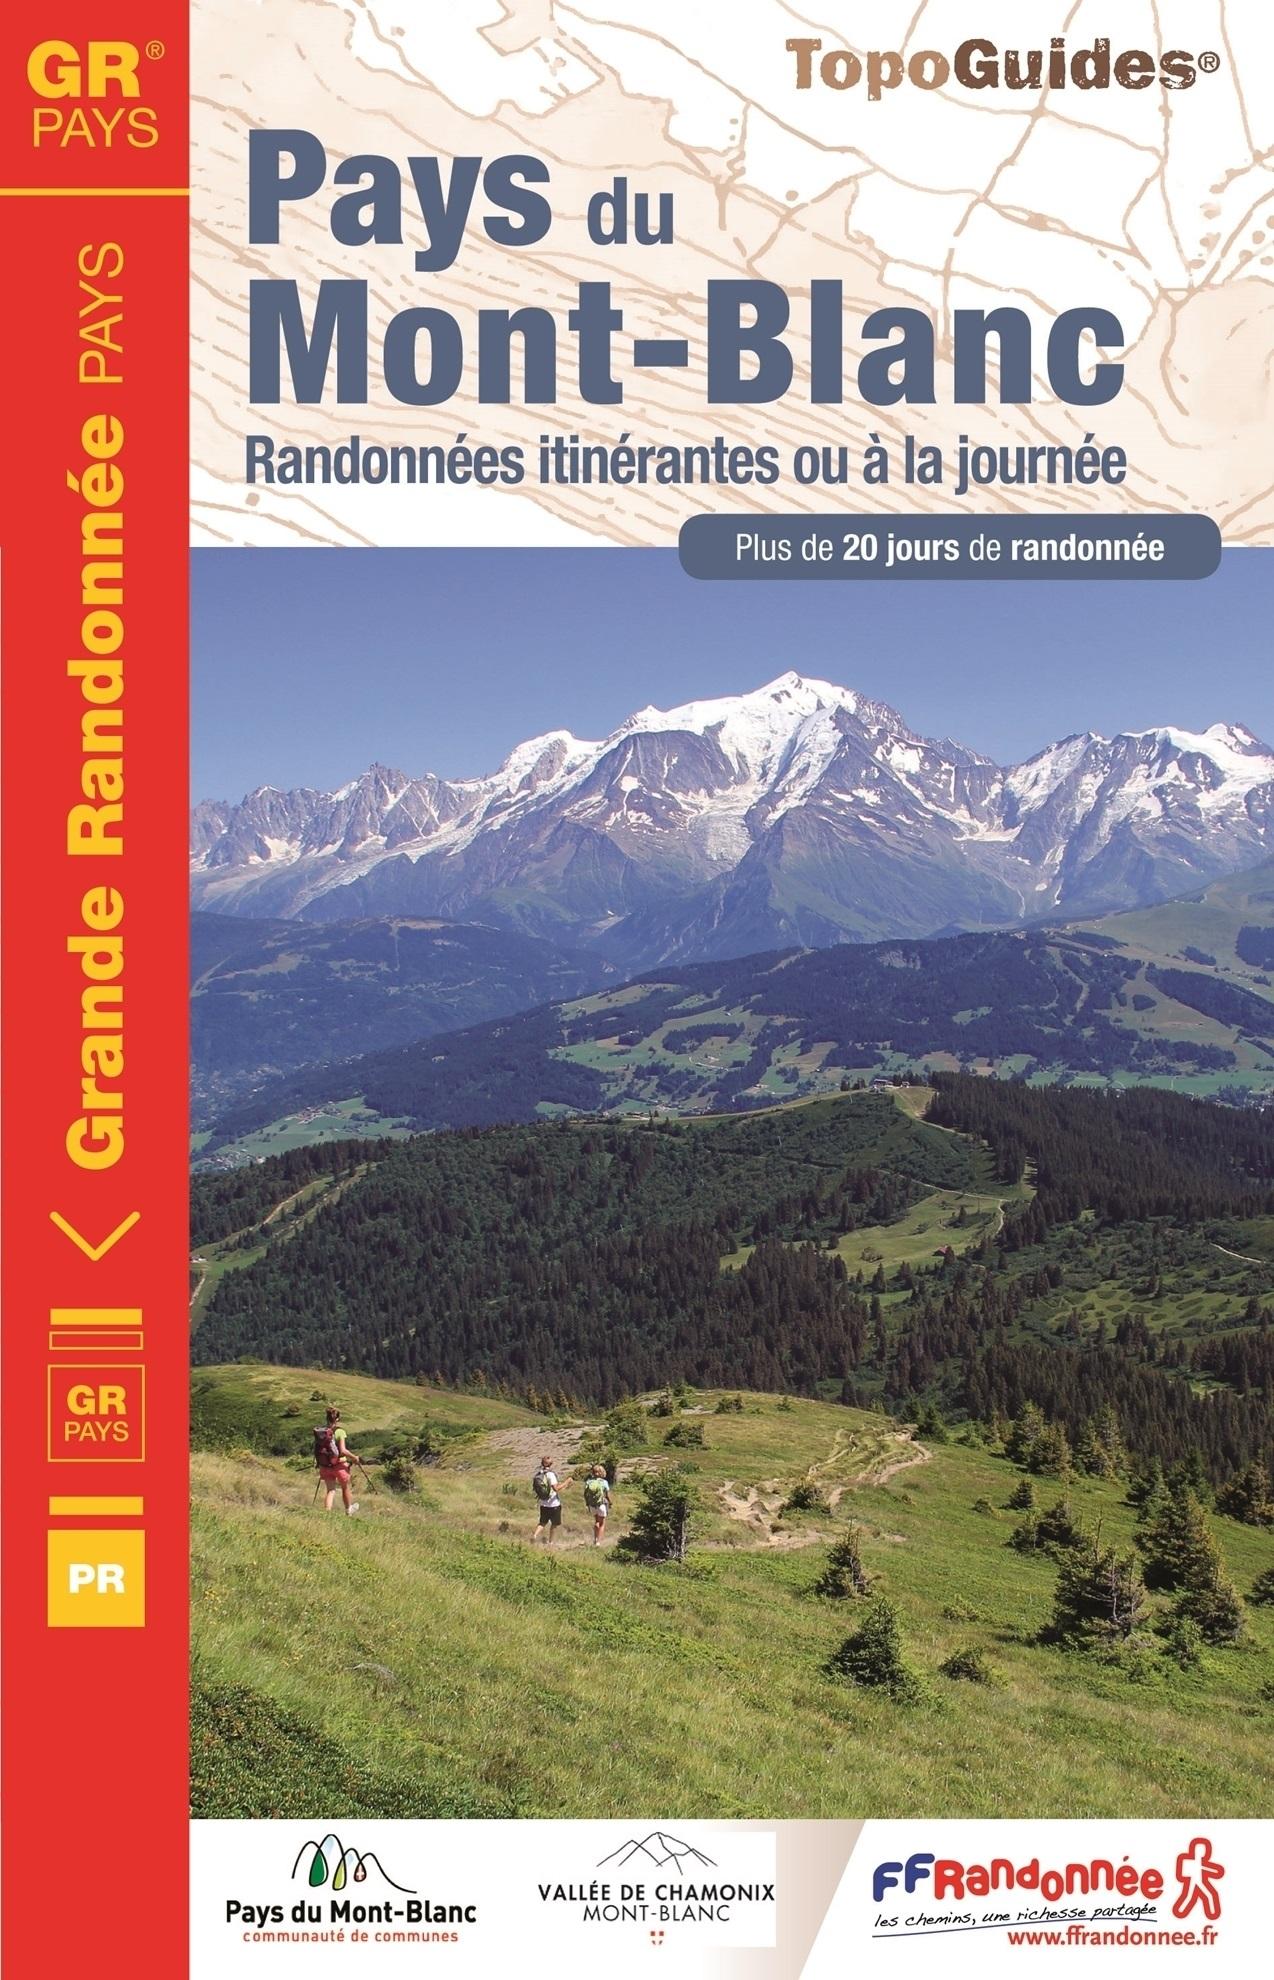 TG-044  Tour du pays du Mont Blanc | wandelgids 9782751408489  FFRP topoguides à grande randonnée  Meerdaagse wandelroutes, Wandelgidsen Franse Alpen: noord